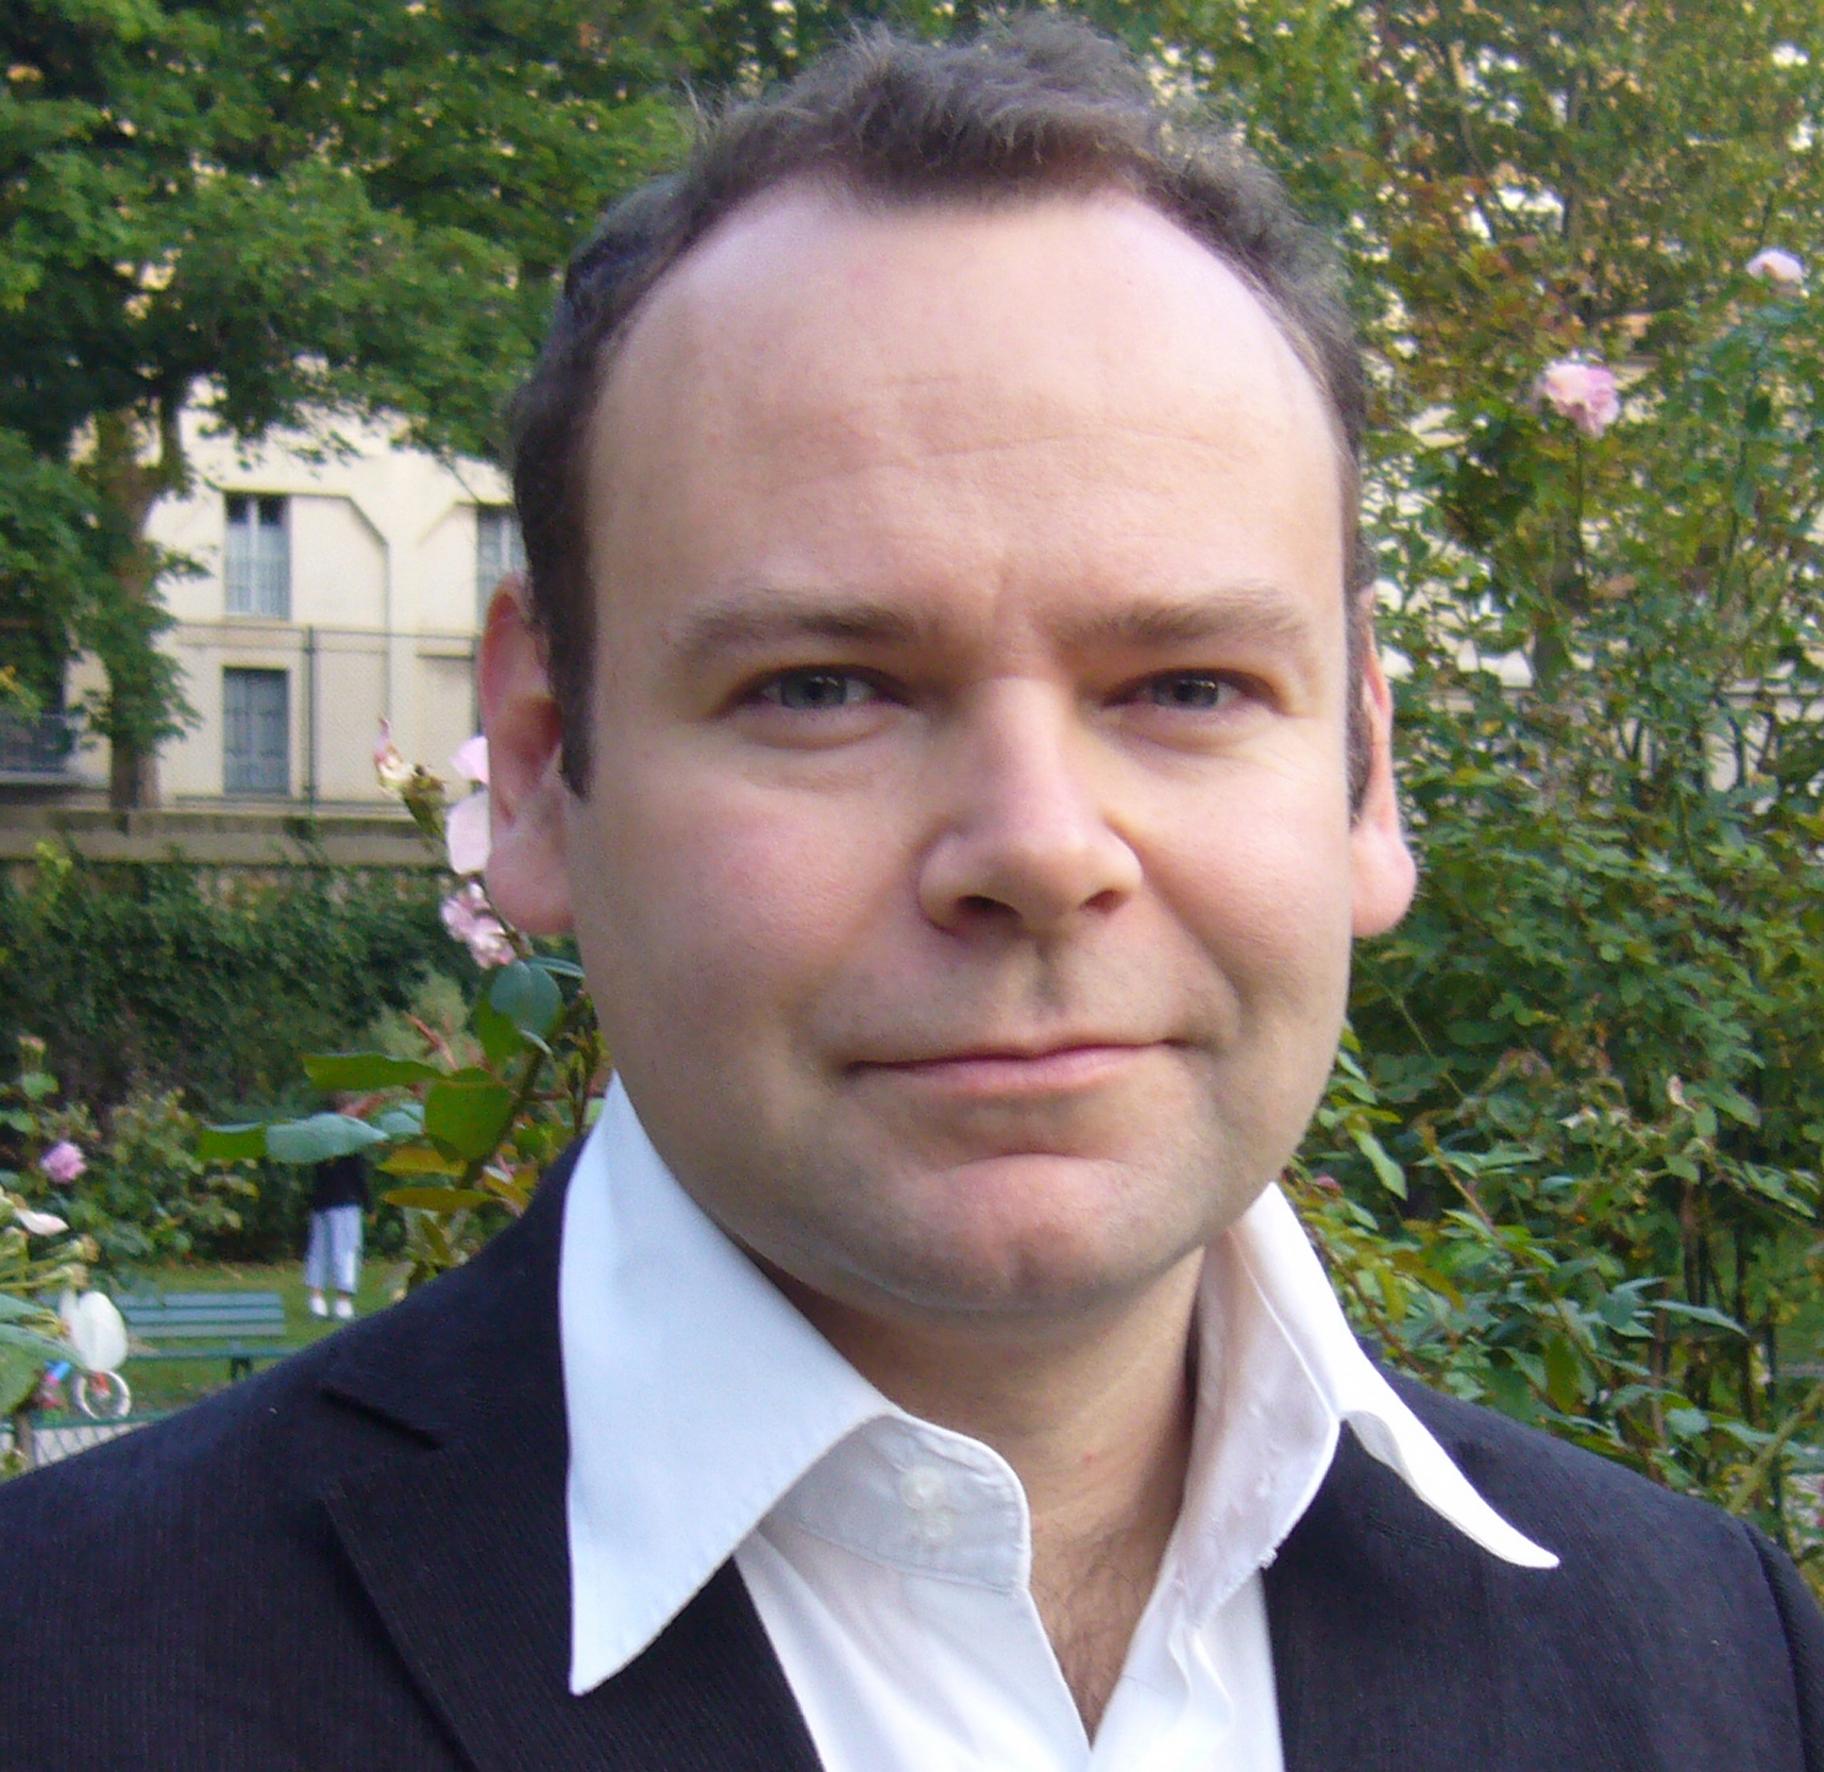 Portrait of Clément Chéroux